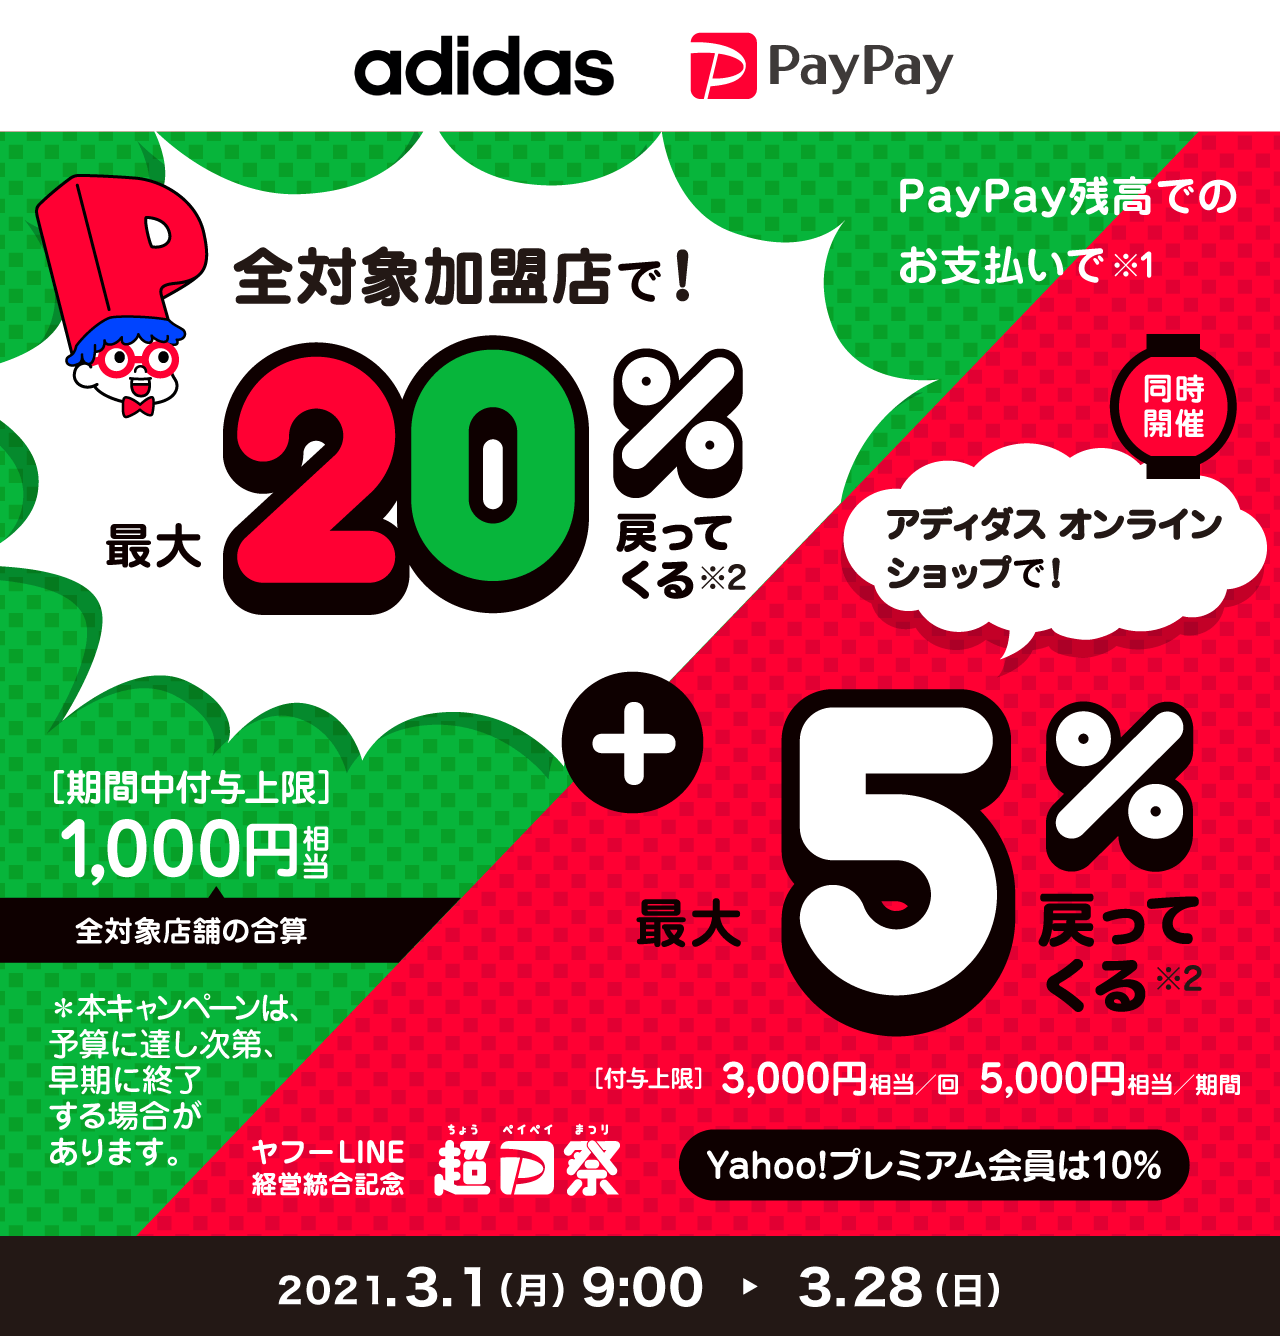 全対象加盟店で!最大20%戻ってくる + adidas Online Shopで!最大5%戻ってくる